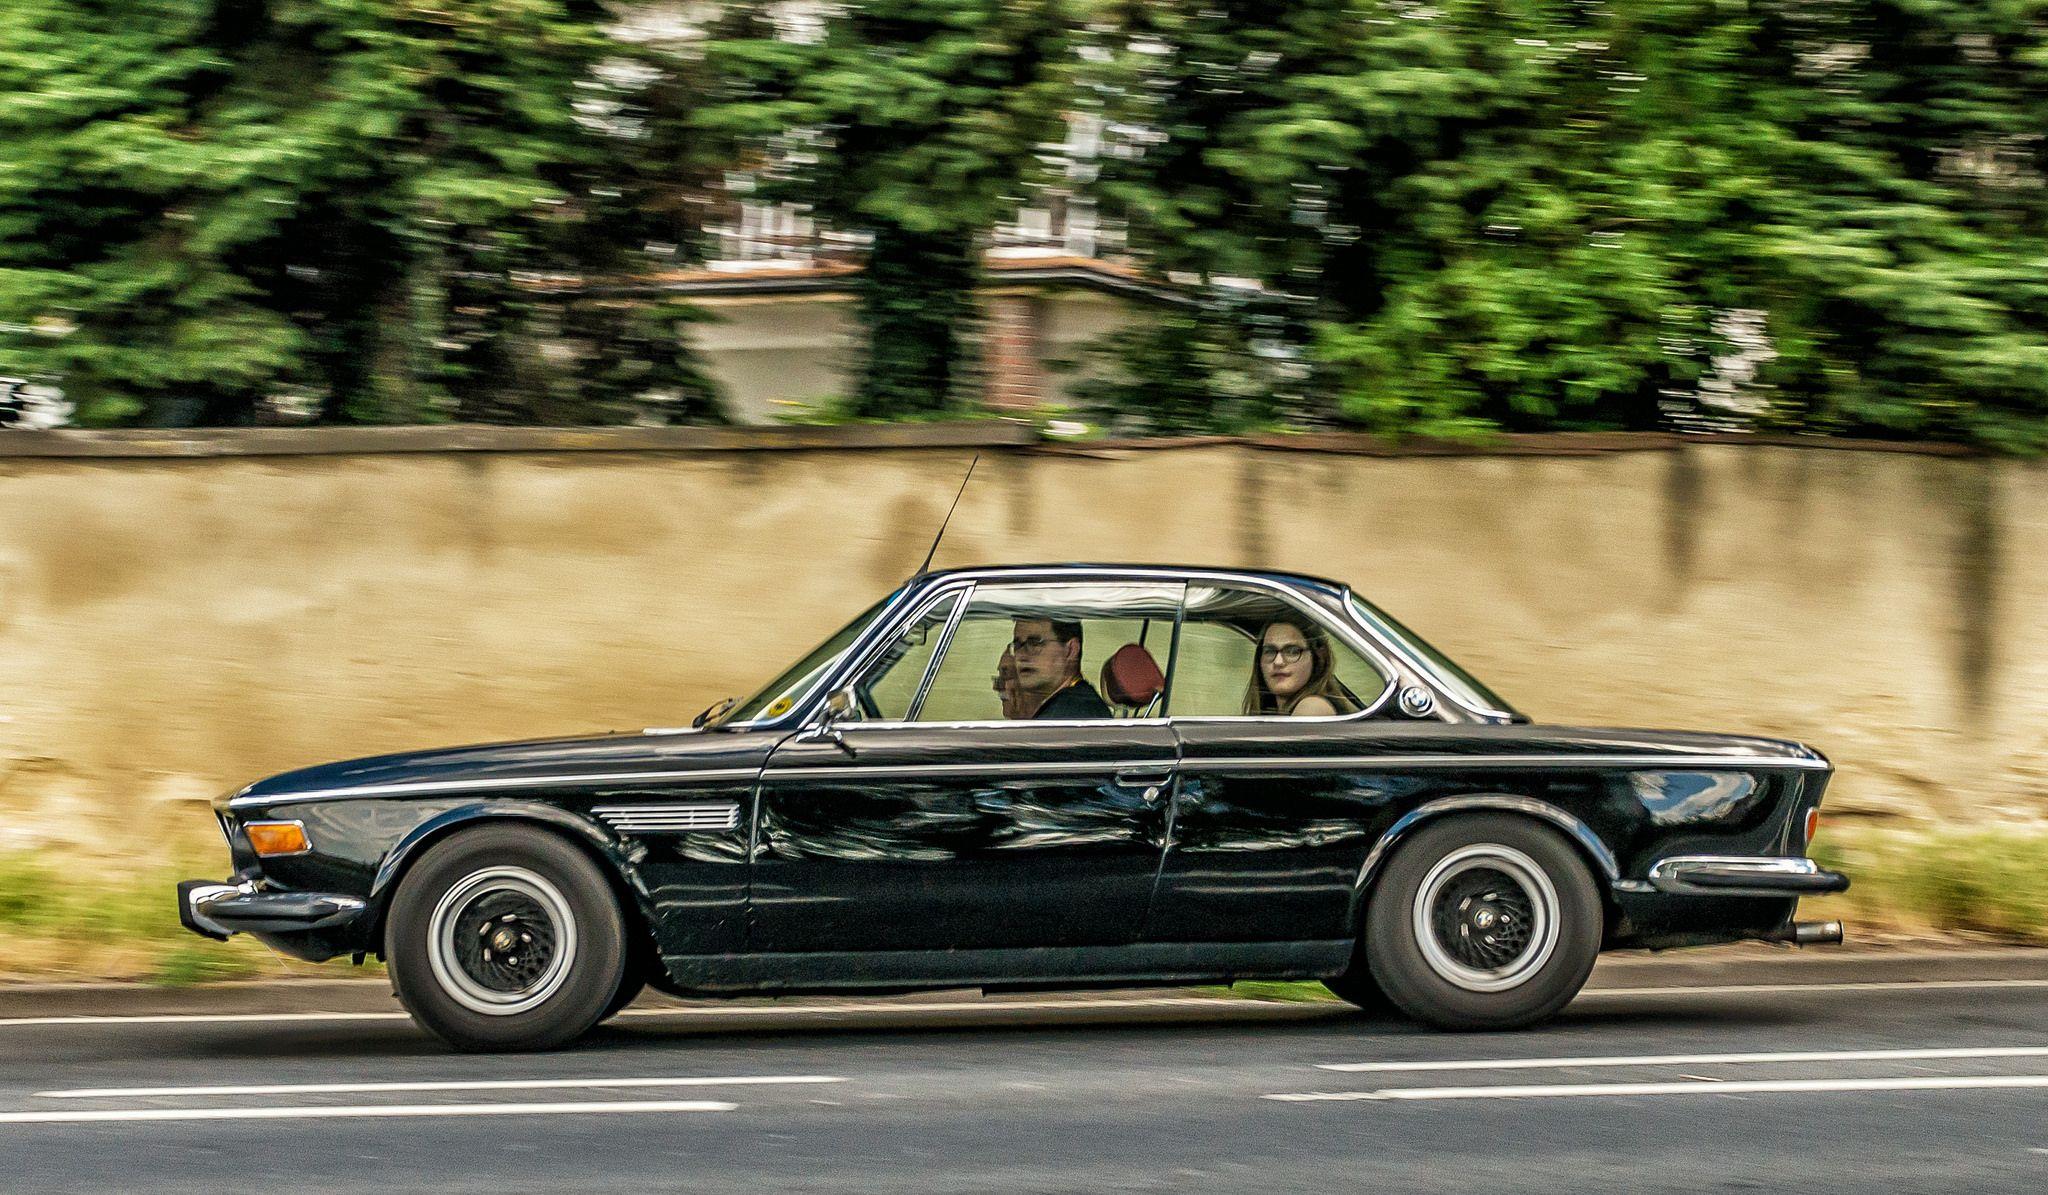 Bmw 3 0 Csi 1973 Bmw E9 Bmw Bmw Cars